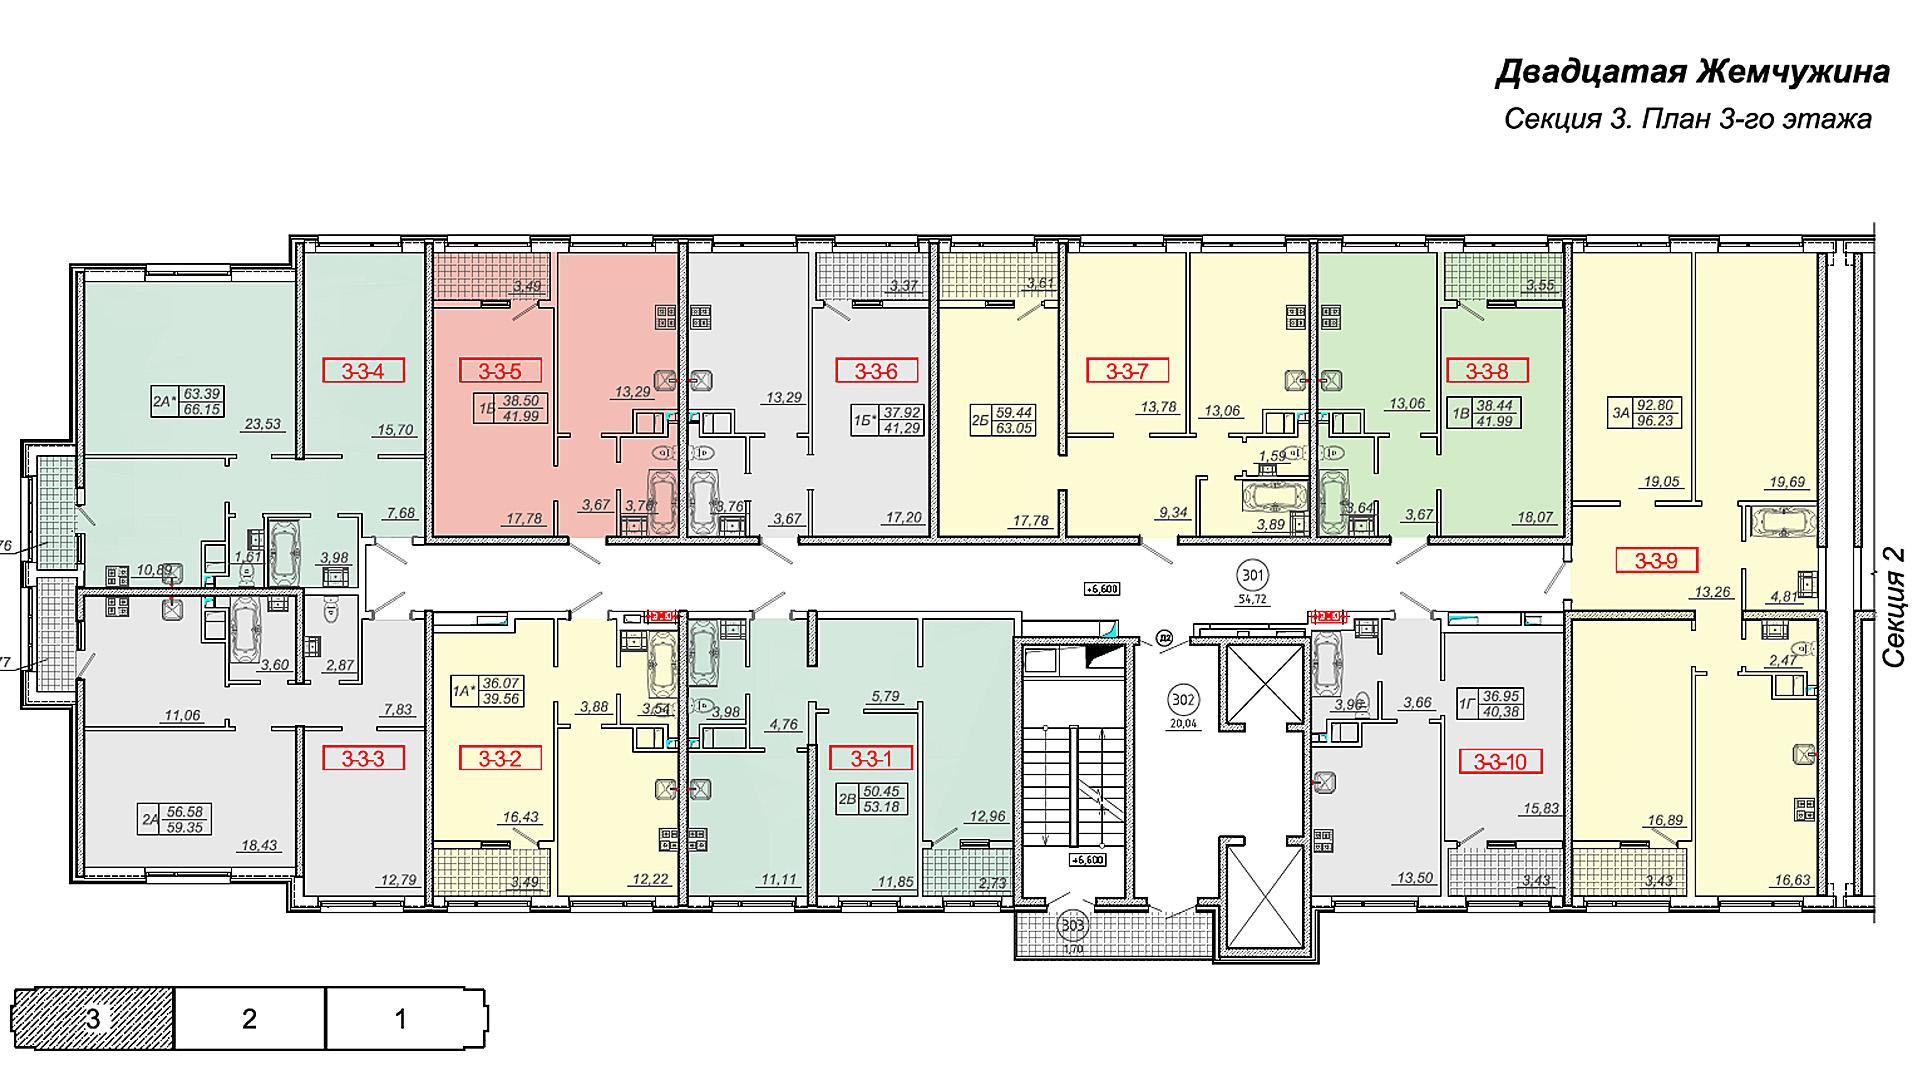 Кадорр, 20 Жемчужина, Планировка секция 3, этаж 3